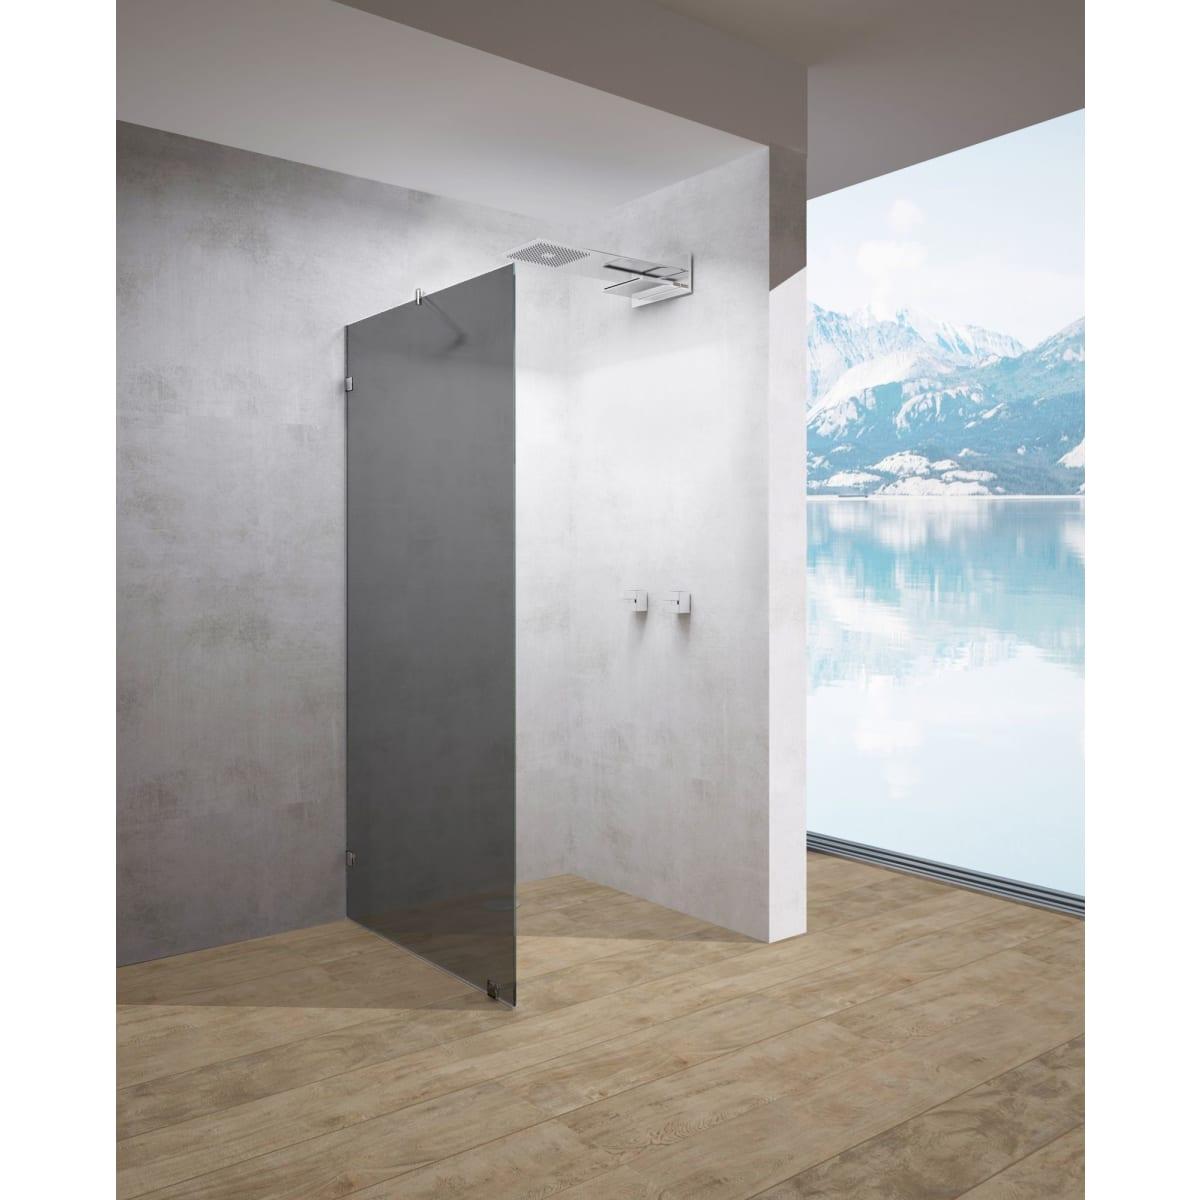 Панель боковая «Комфорт» тонированная 195x99 см